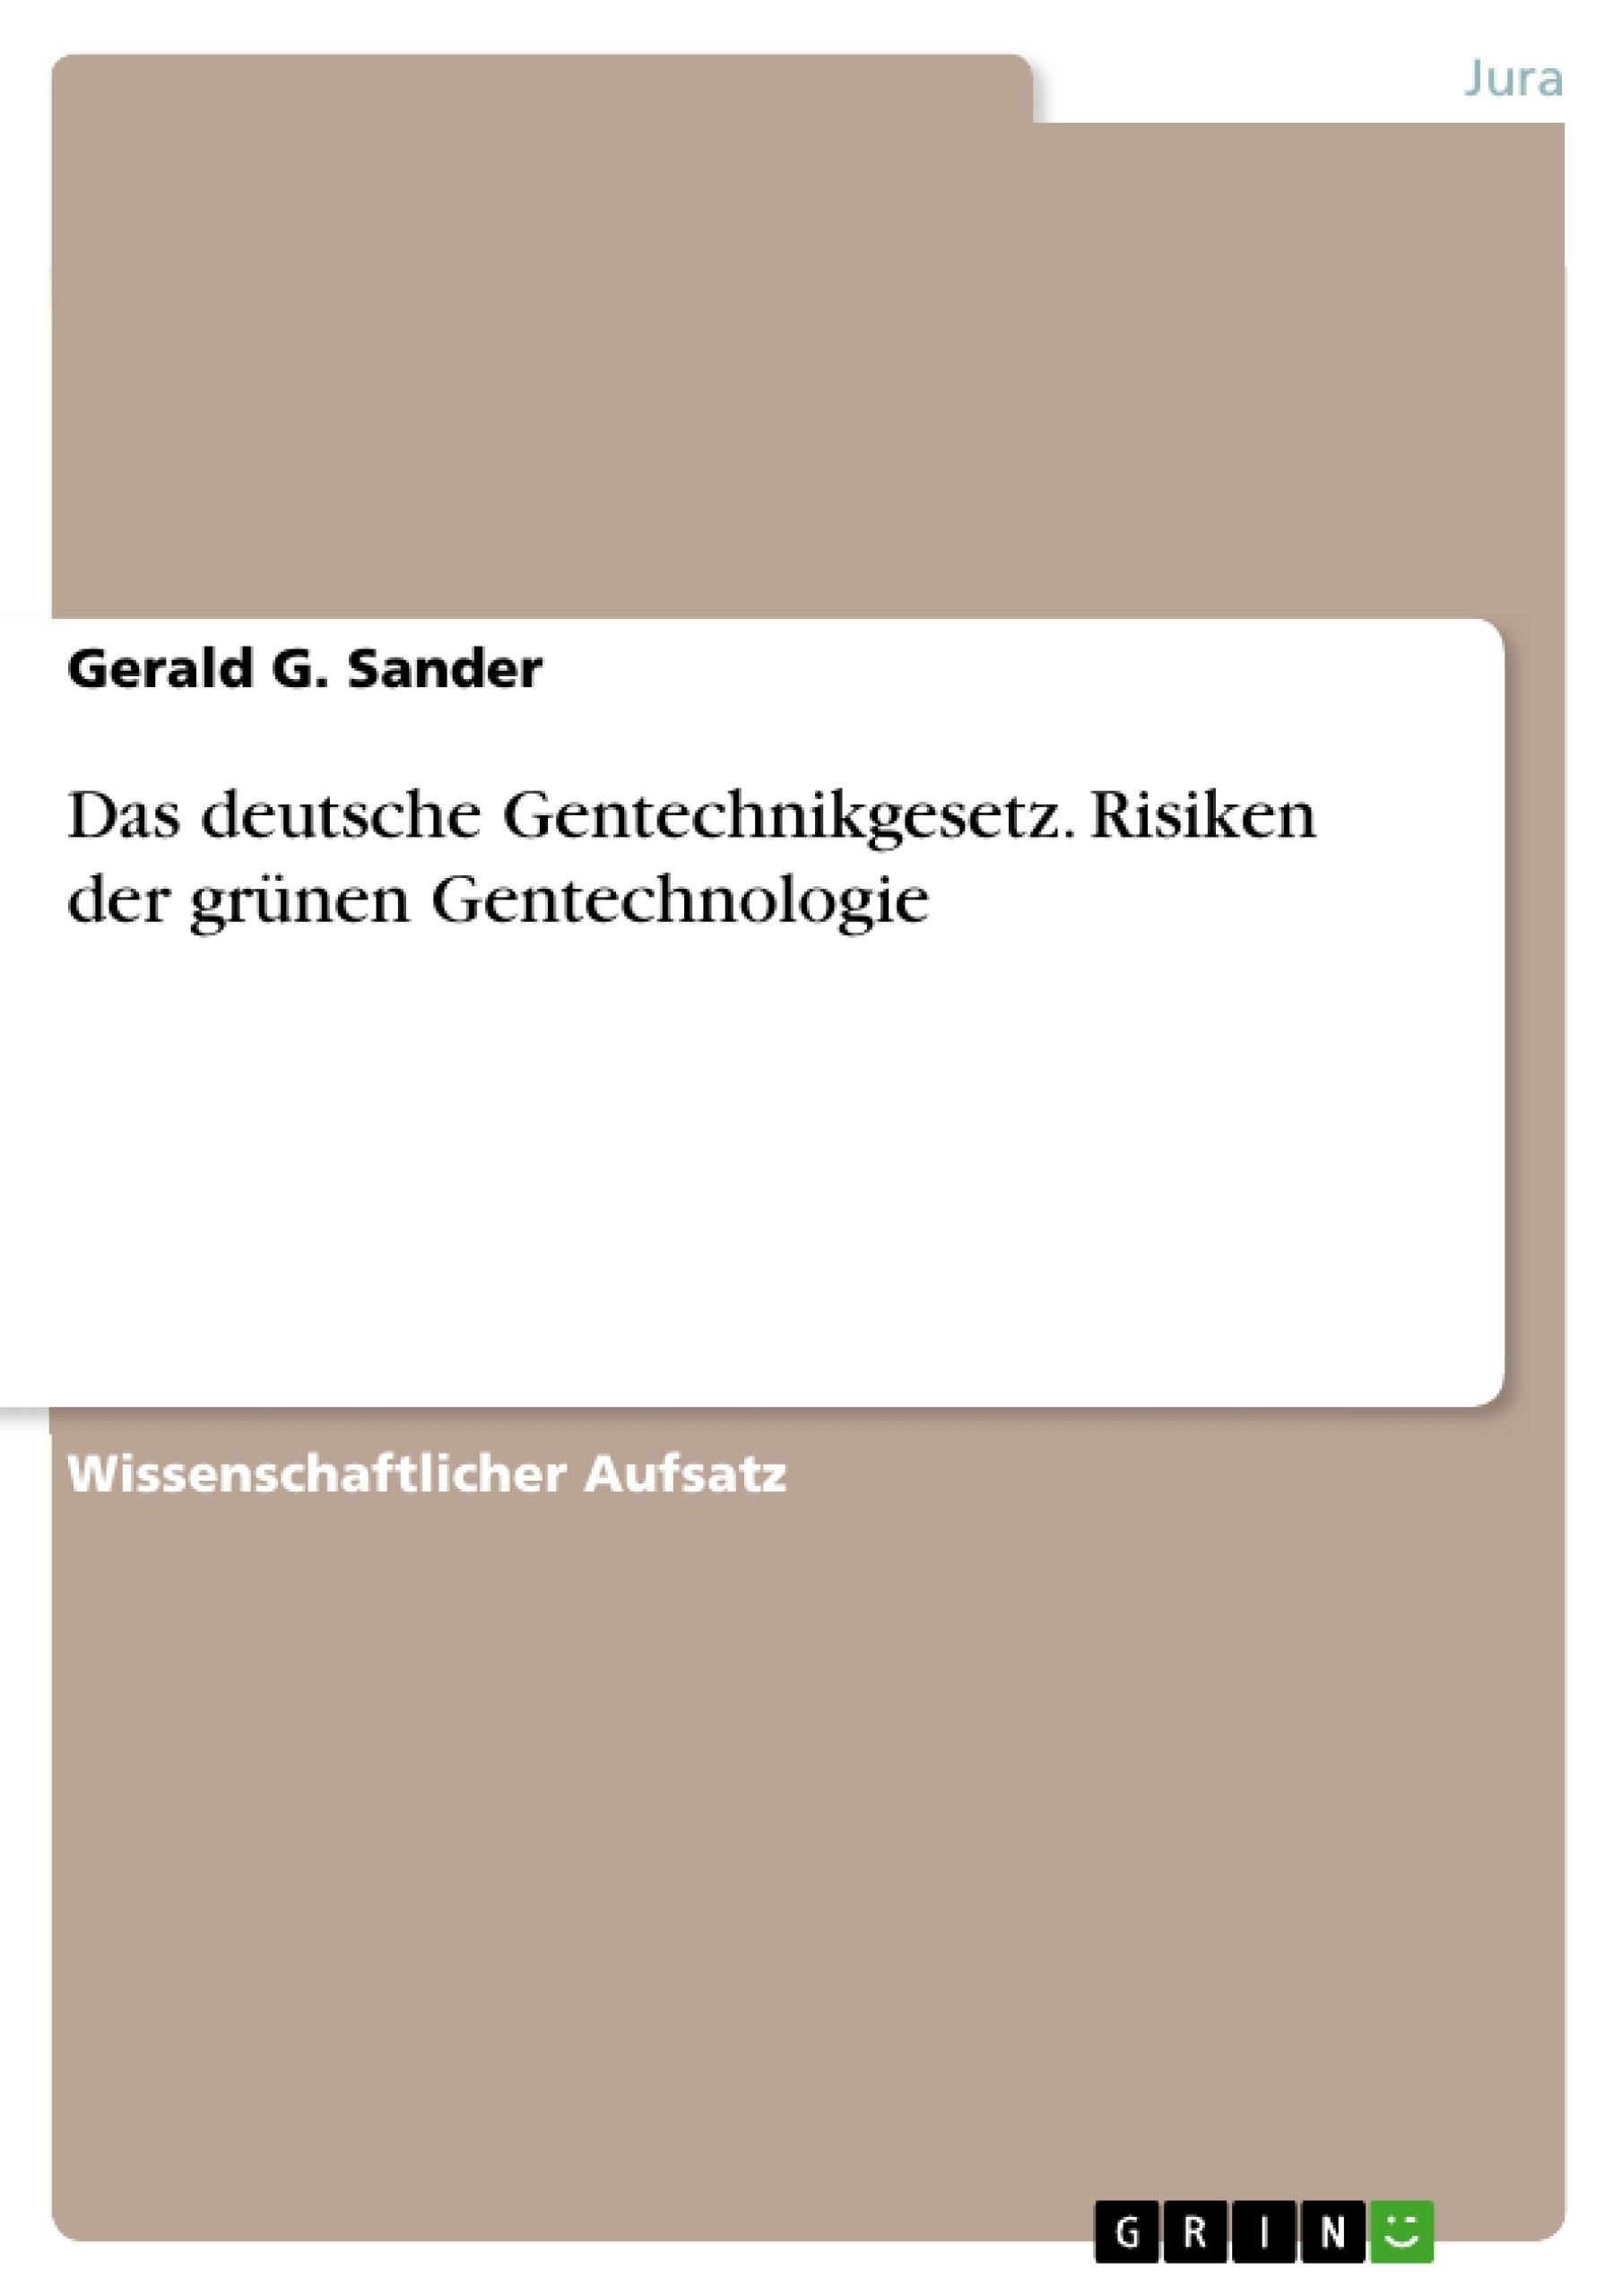 Titel: Das deutsche Gentechnikgesetz. Risiken der grünen Gentechnologie